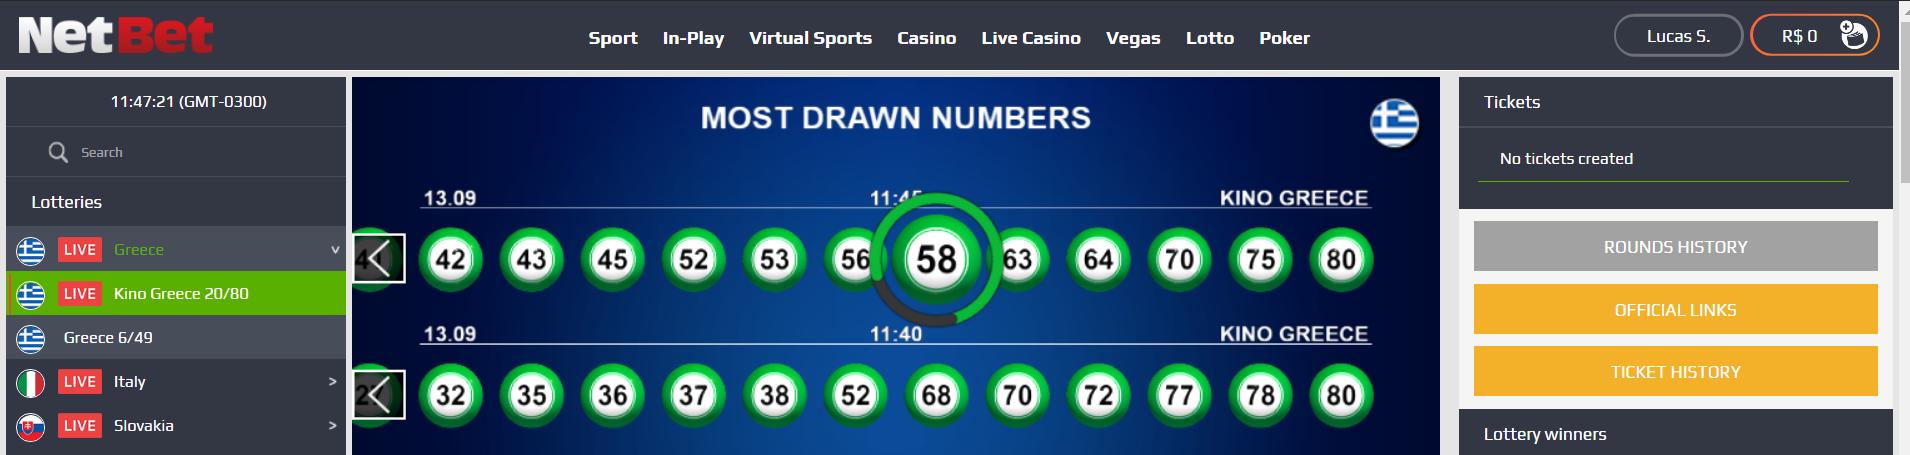 NetBet Lottery